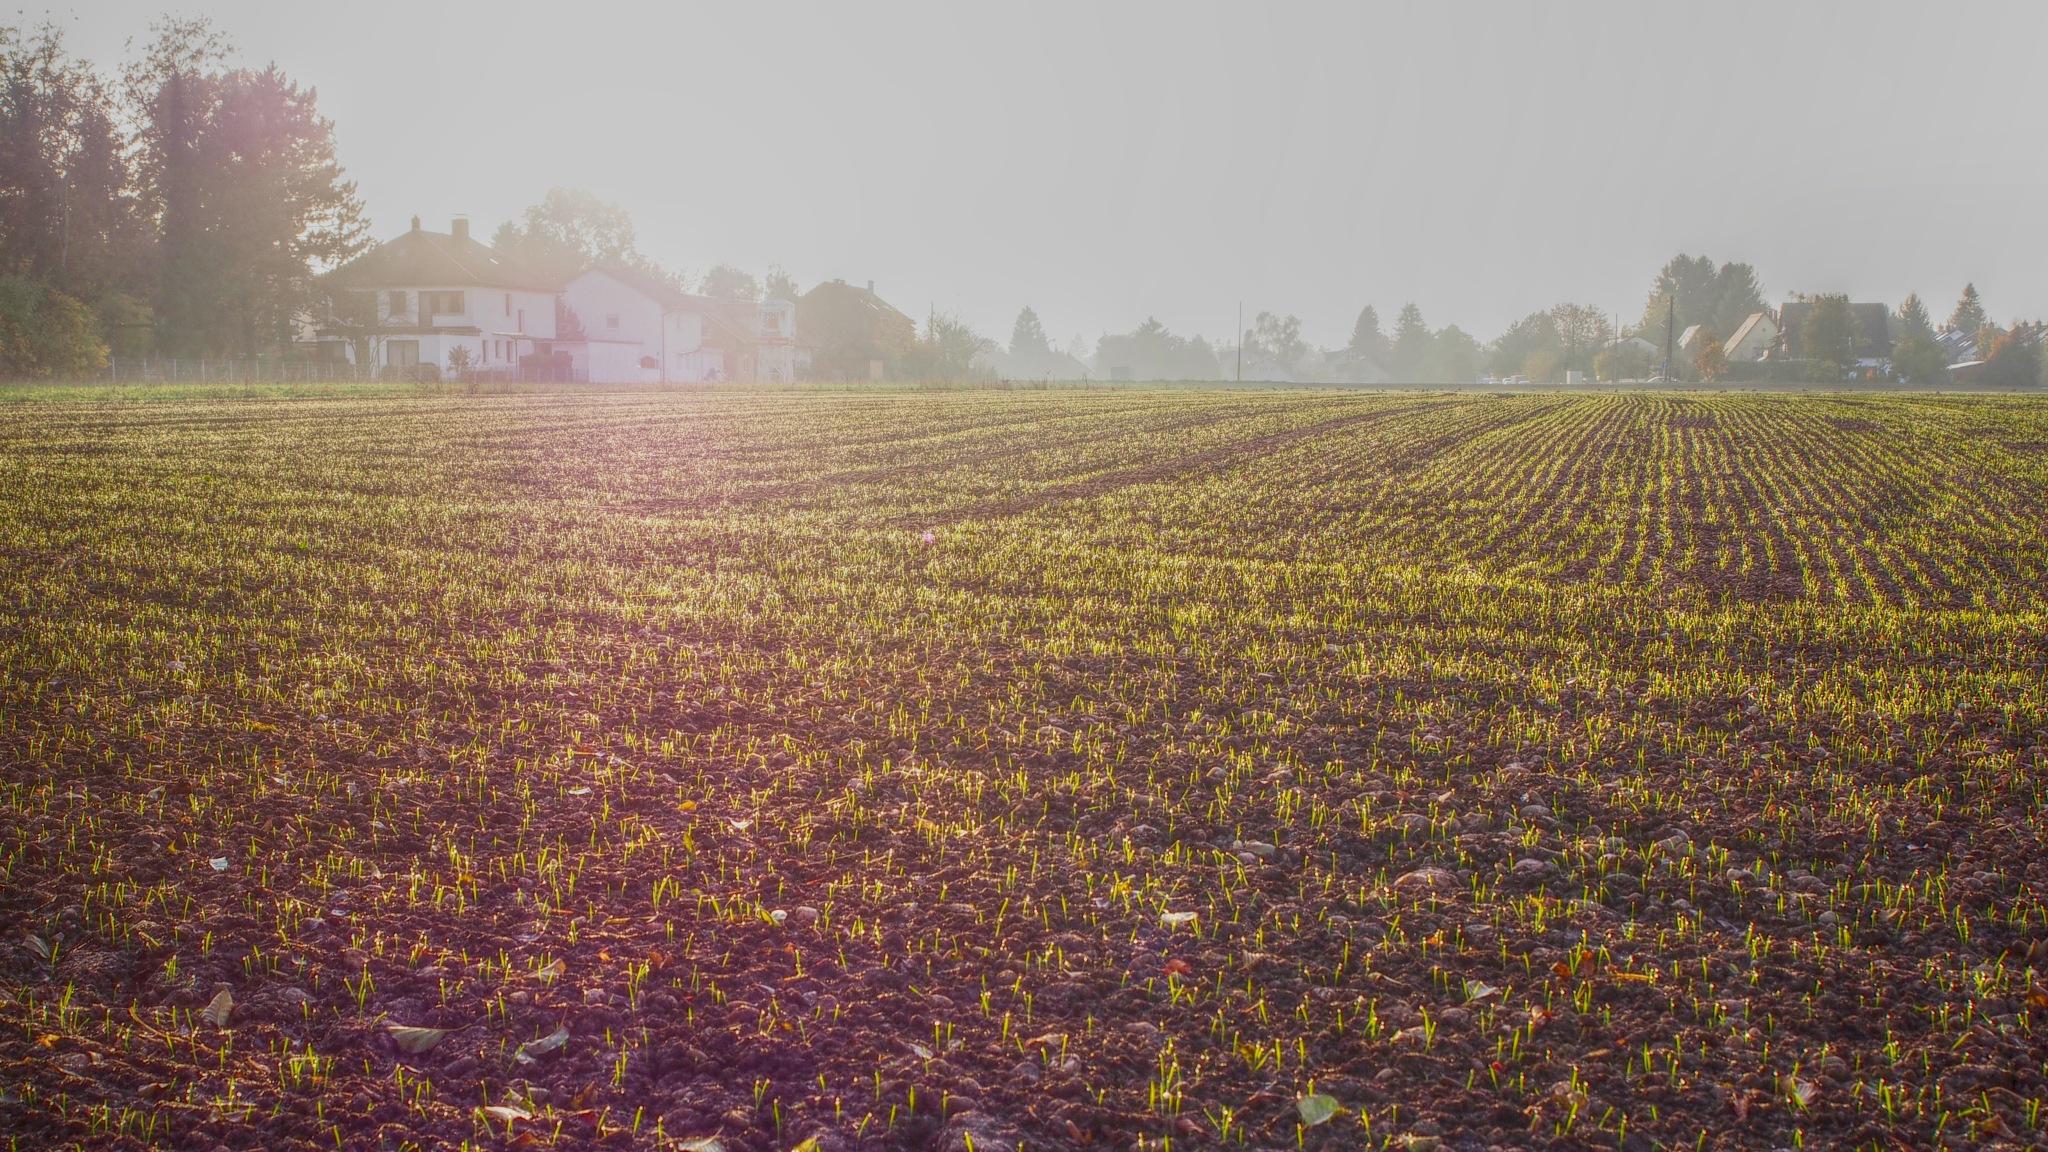 crop field by tancon